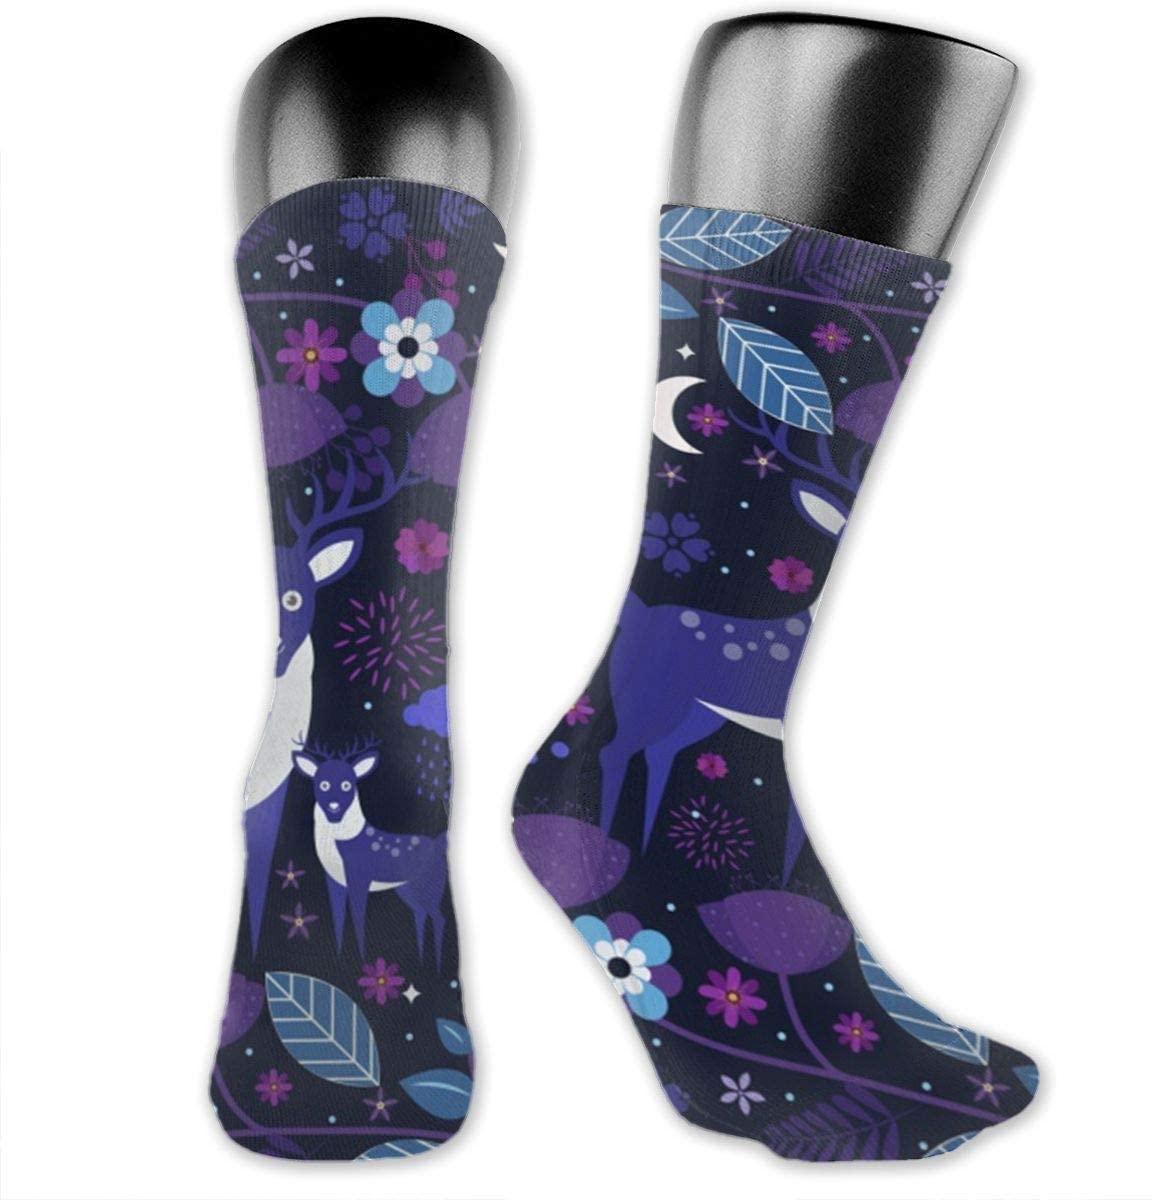 Wildlife Reindeer Flowers Unisex Outdoor Long Socks Sport Athletic Crew Socks Stockings